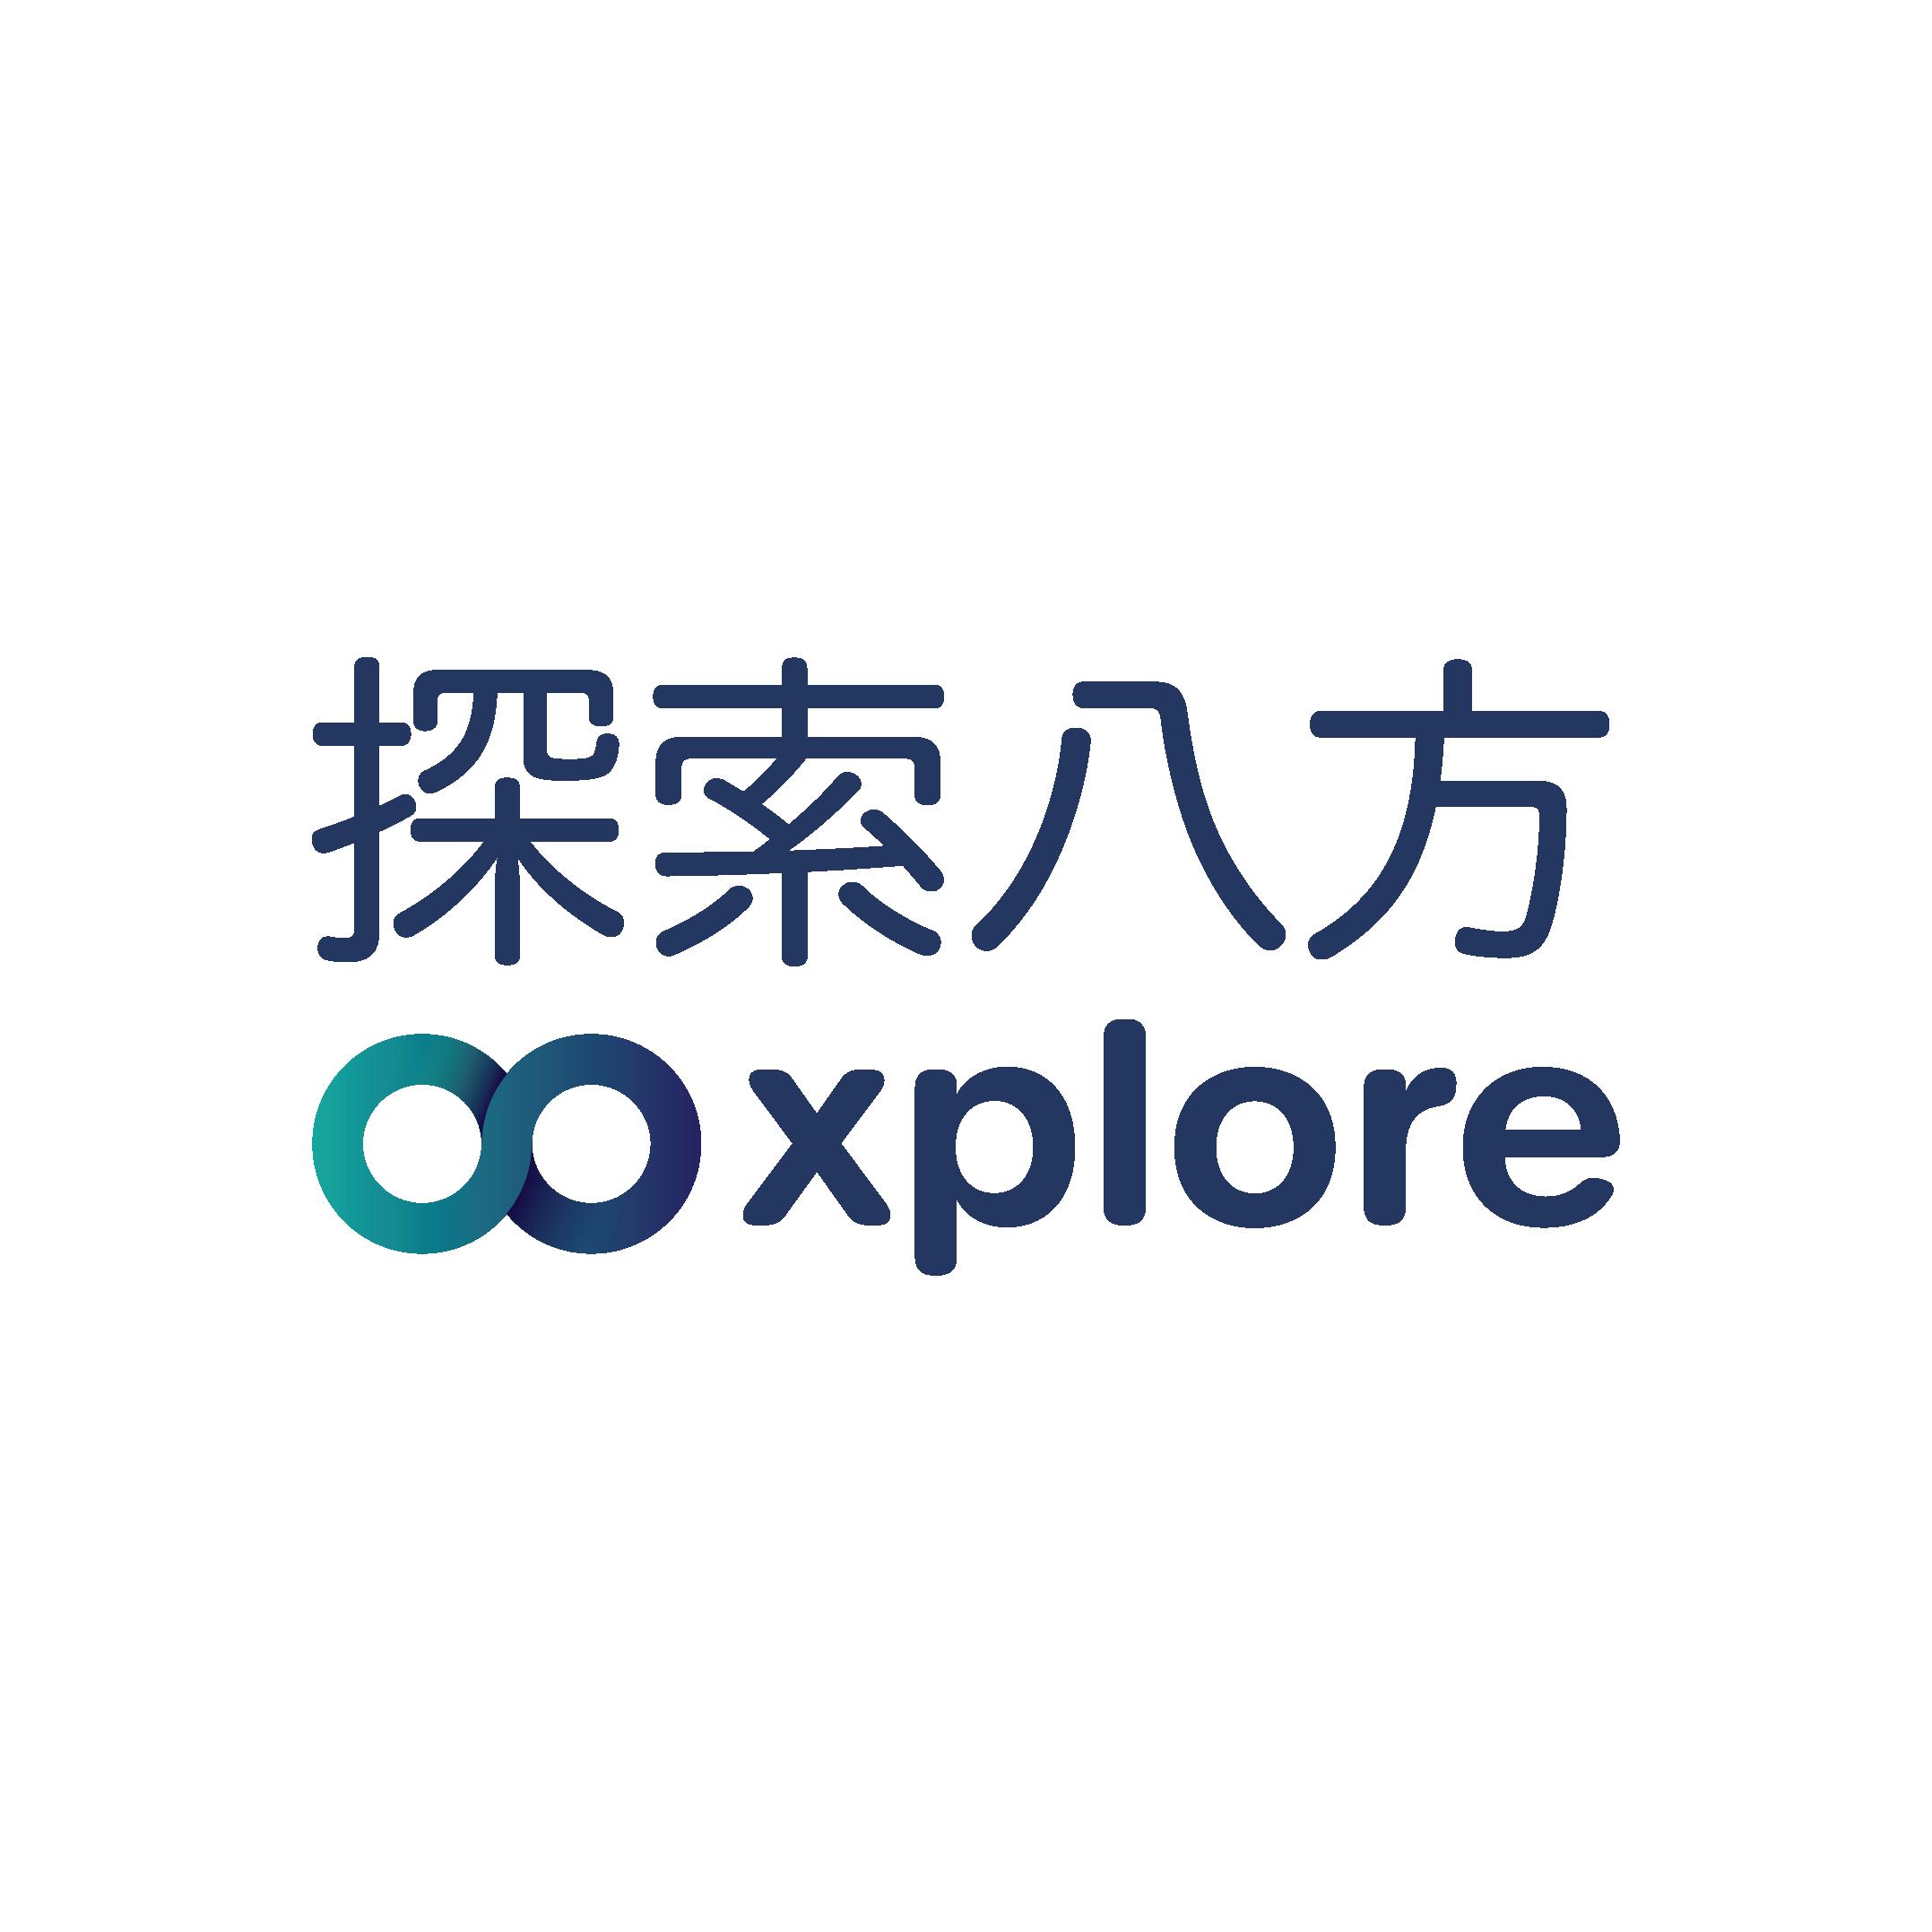 8xplore_logo_Color.png